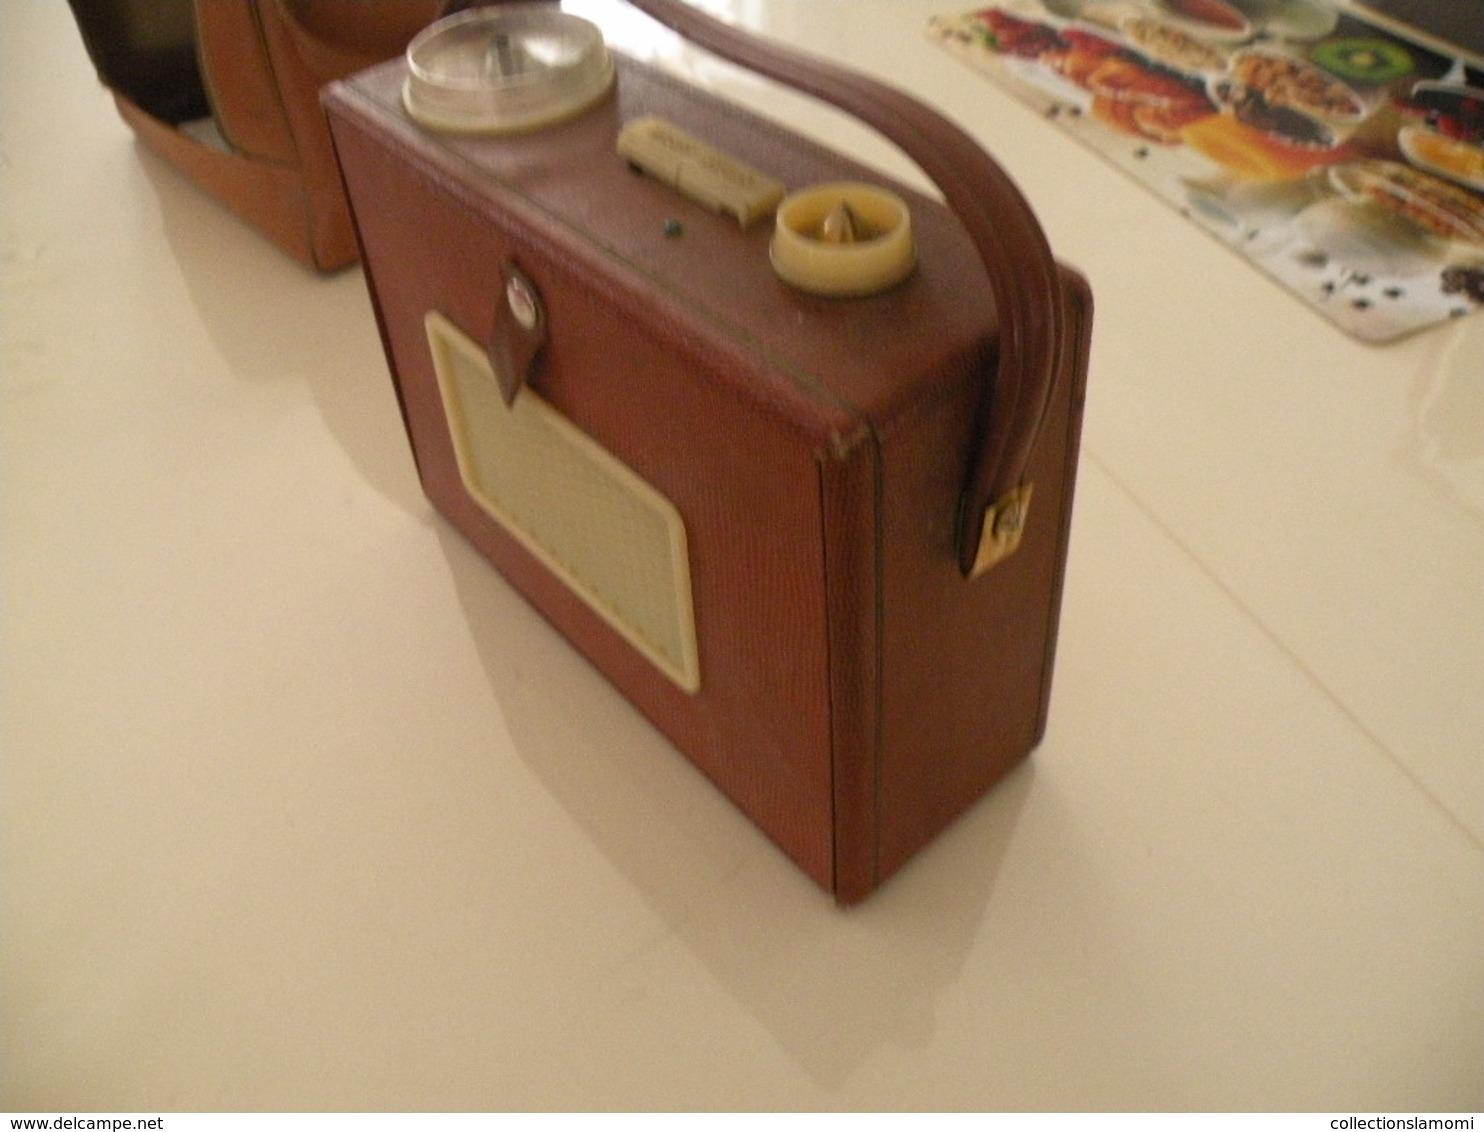 Ancienne Radio Transistor Seven (Pizon Bros) En état De Fonction (0,28cm X 0,11 Cm H 0,21) Avec Son étui En Cuir - Appareils